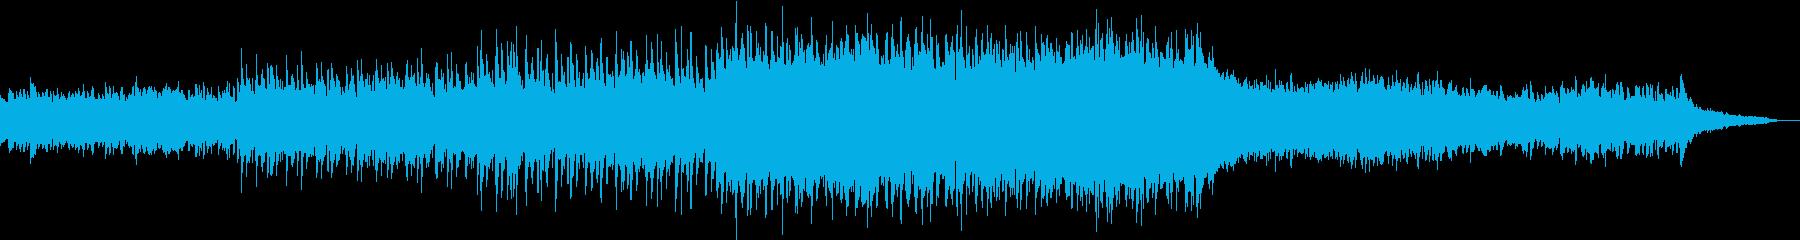 CM・企業VP・感動ピアノオーケストラの再生済みの波形